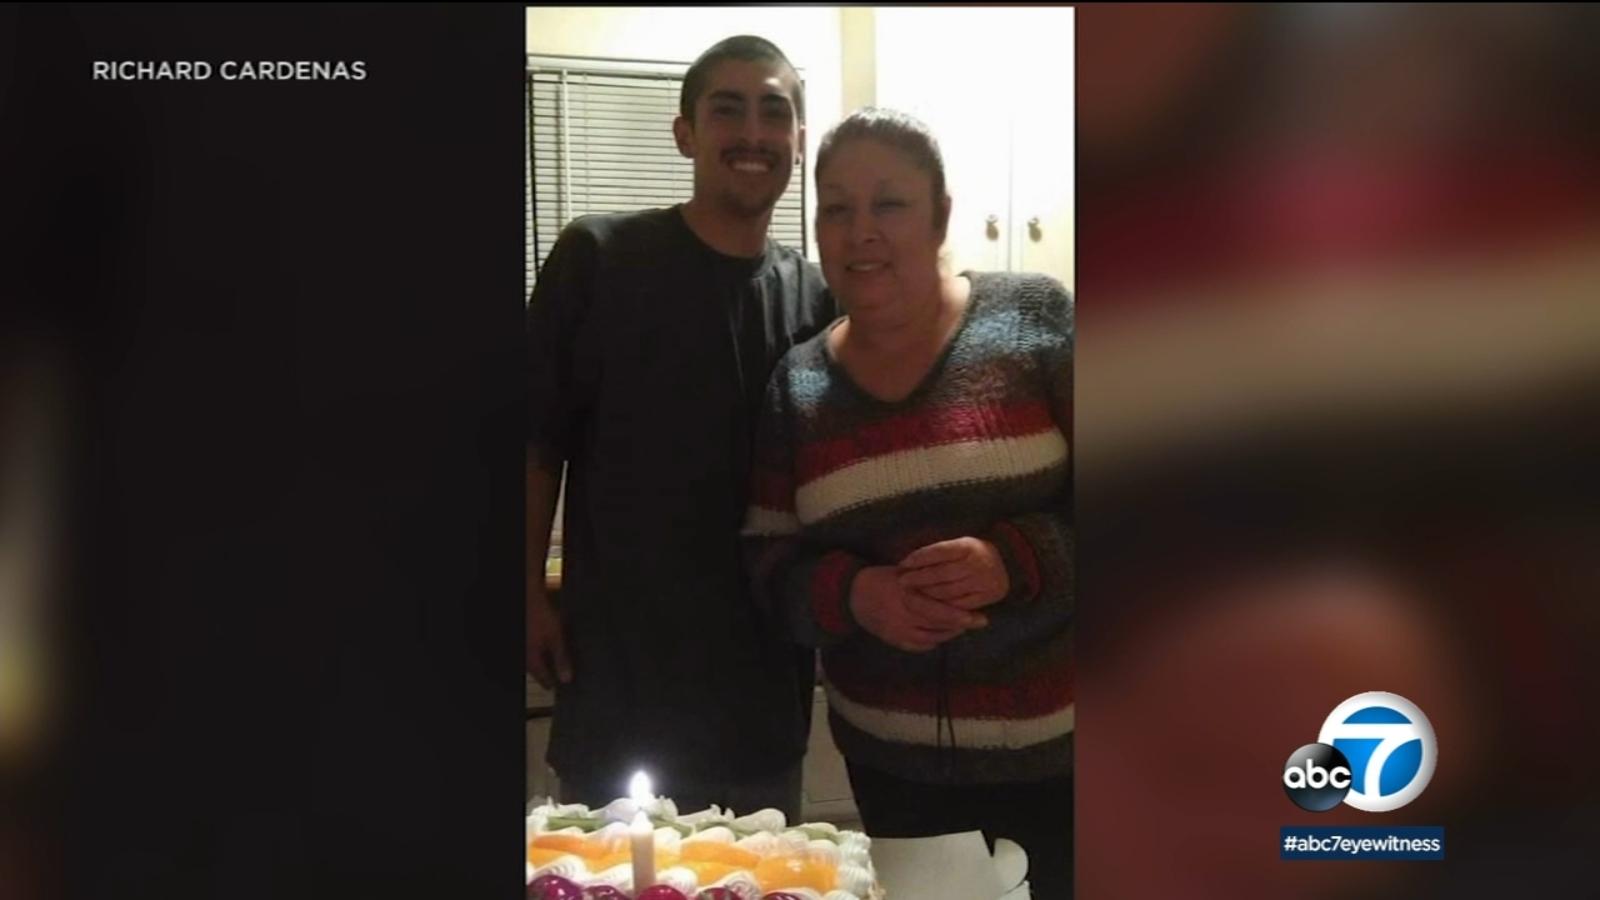 Der Tod einer Frau in Orange County nach der zweiten Dosis des Moderna COVID-19-Impfstoffs ist für die Familie von Belang